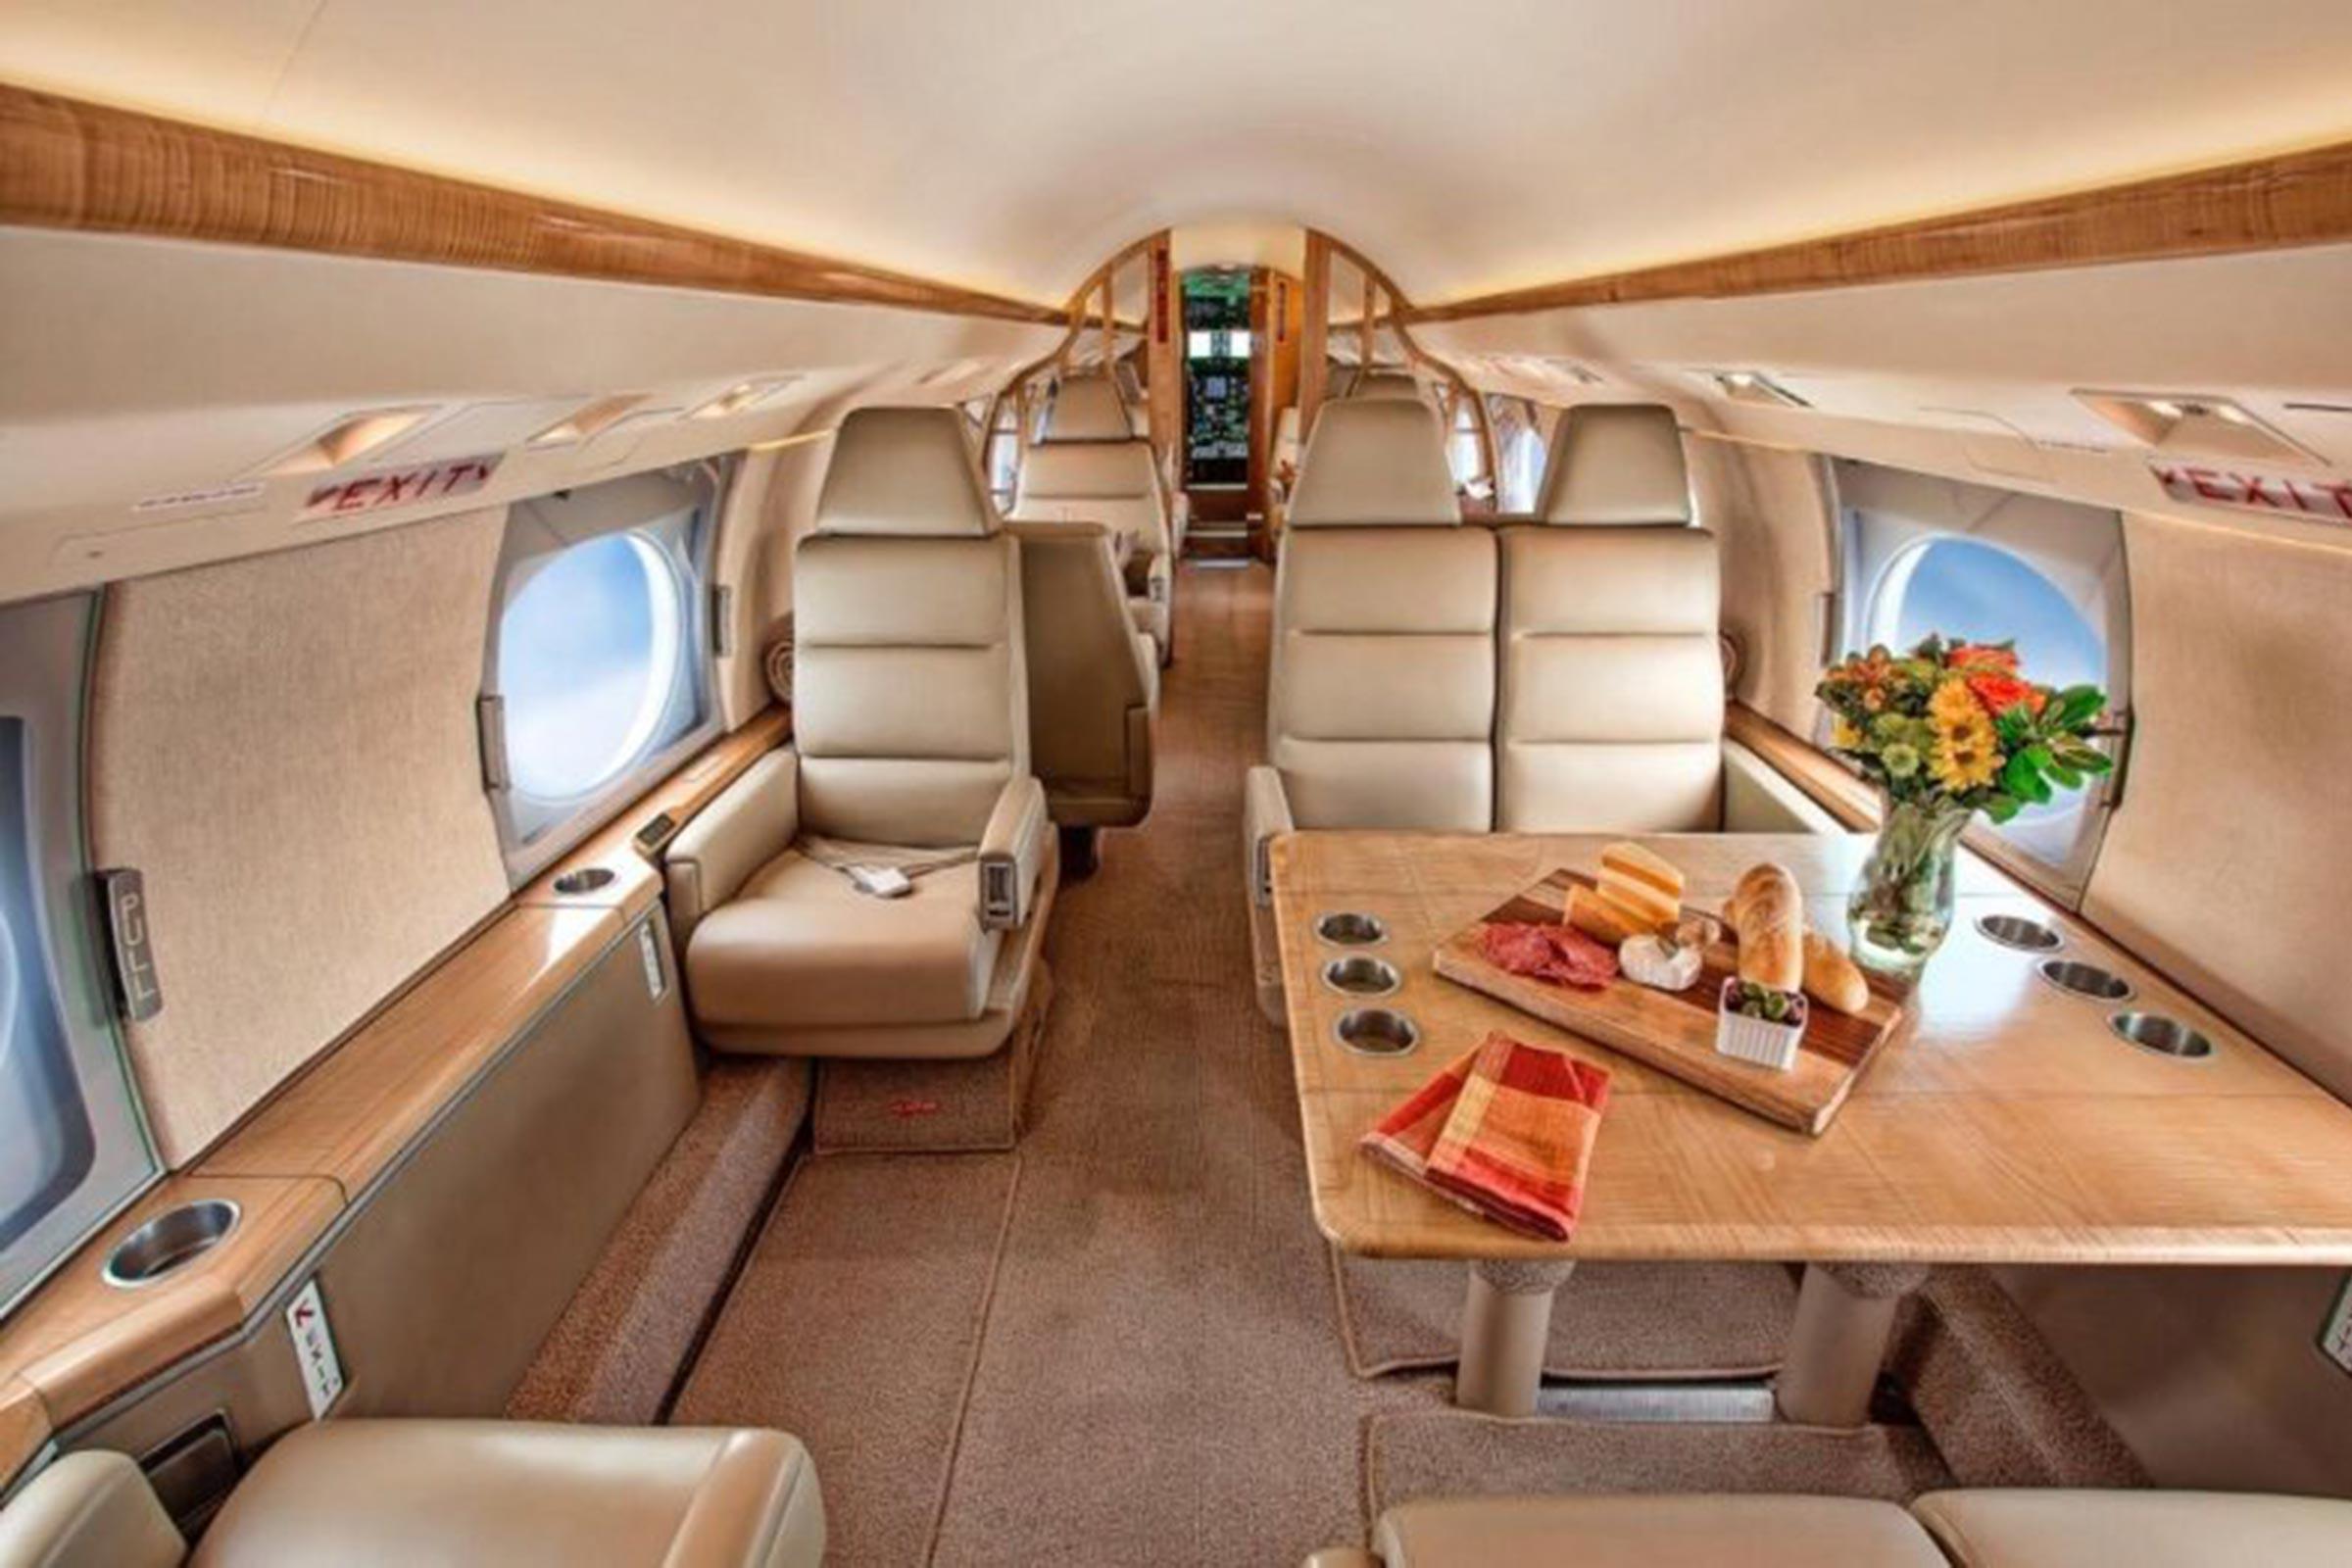 FlightSafety_Cabin-Interior